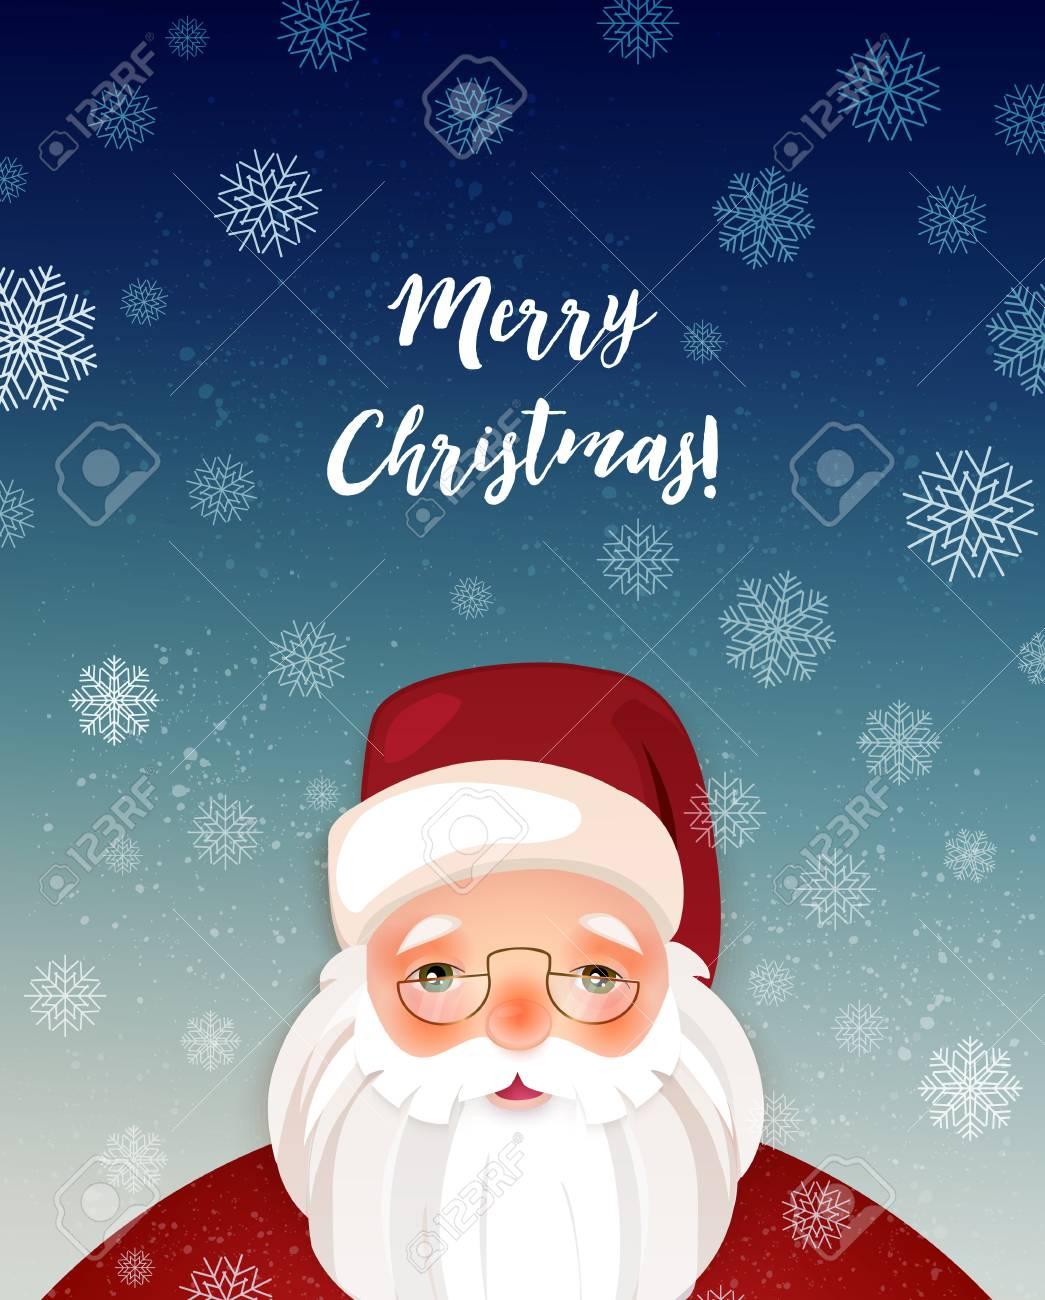 Foto Di Natale Neve Inverno 94.Personaggio Dei Cartoni Animati Mostrando Illustrazione Di Buon Natale Di Inverno Con I Fiocchi Di Neve Xmas Poster